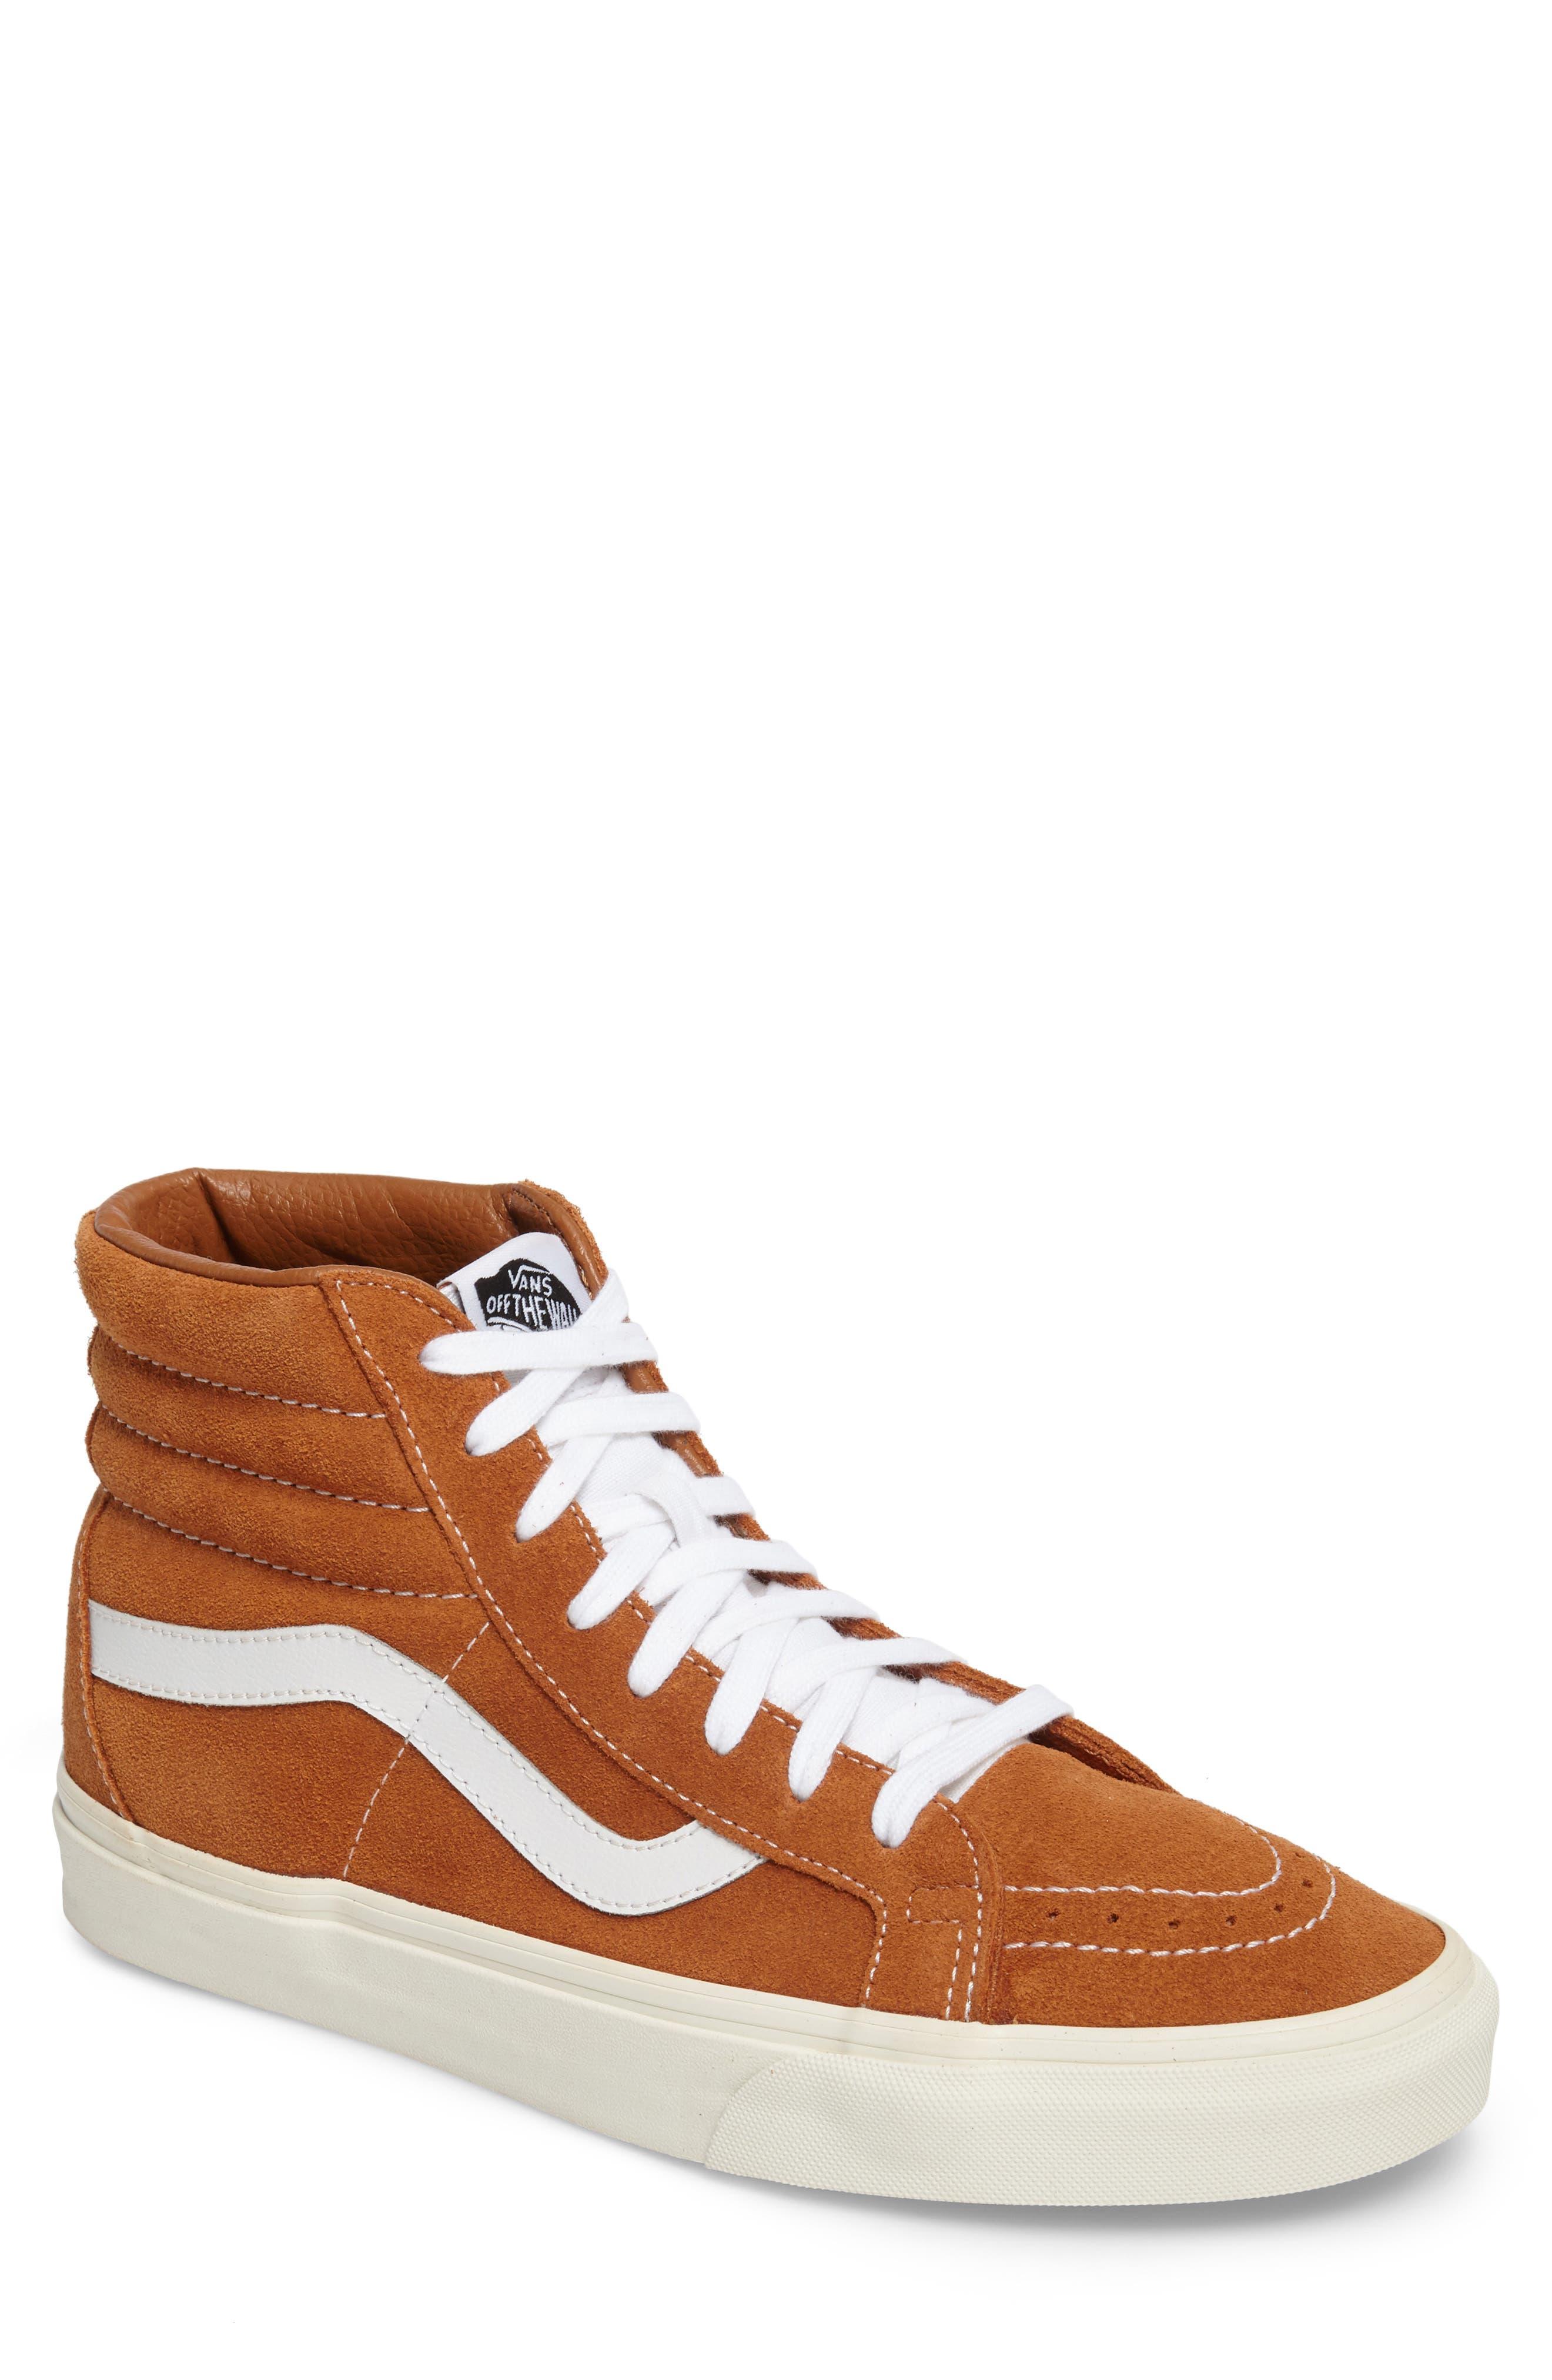 Vans Sk8-Hi Reissue Sneaker (Men)